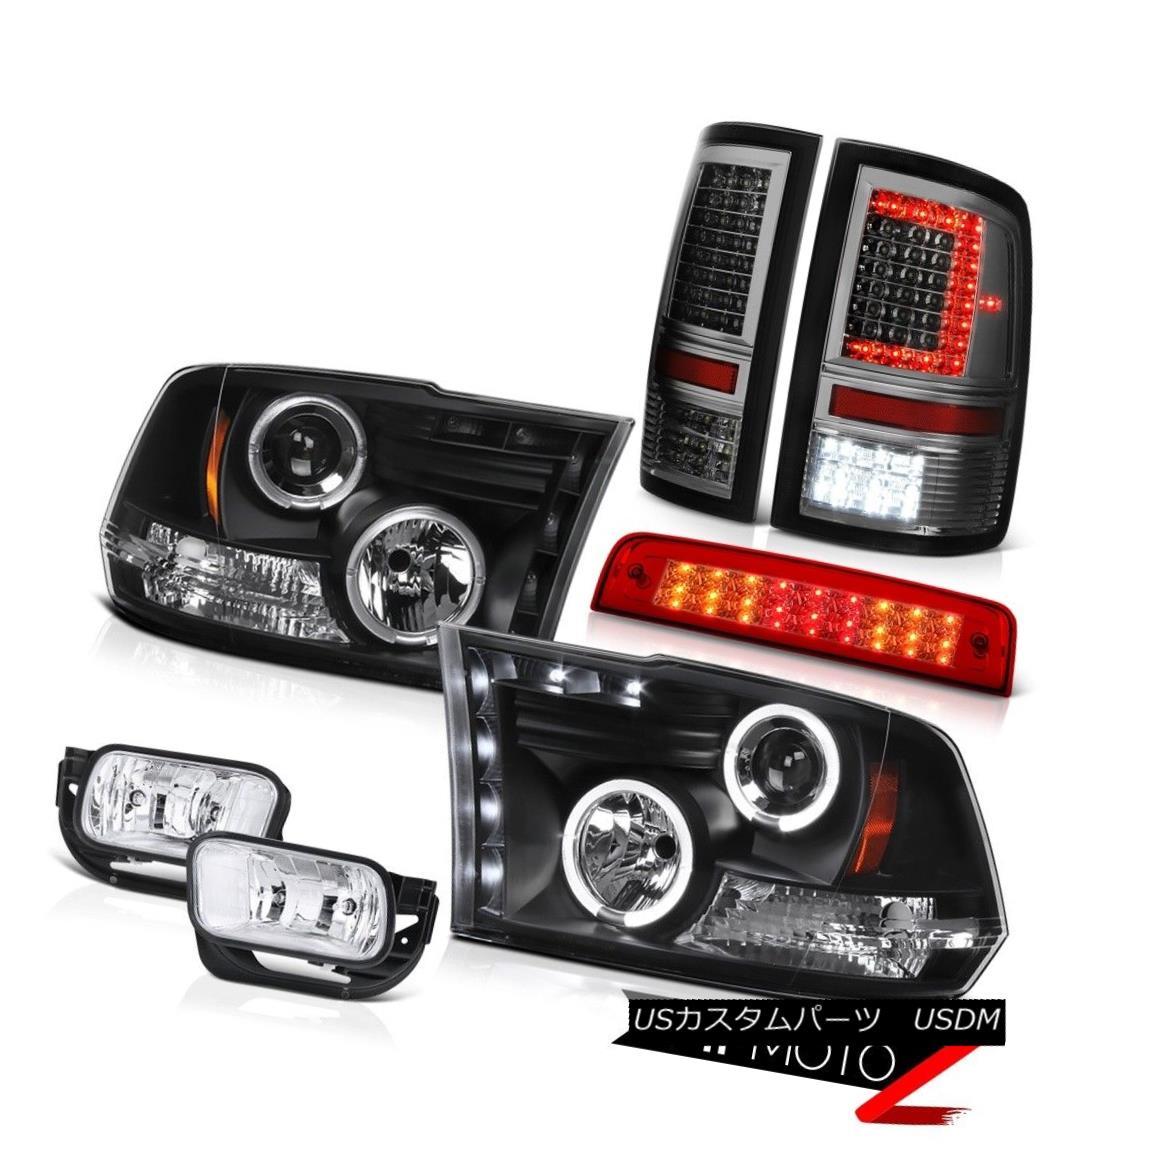 ヘッドライト 09-18 Dodge RAM 2500 Smoked Tail Lights Brake Light Driving Lamp Head SET PAIR 09-18ダッジRAM 2500スモークテールライトブレーキライト駆動ランプヘッドSET PAIR